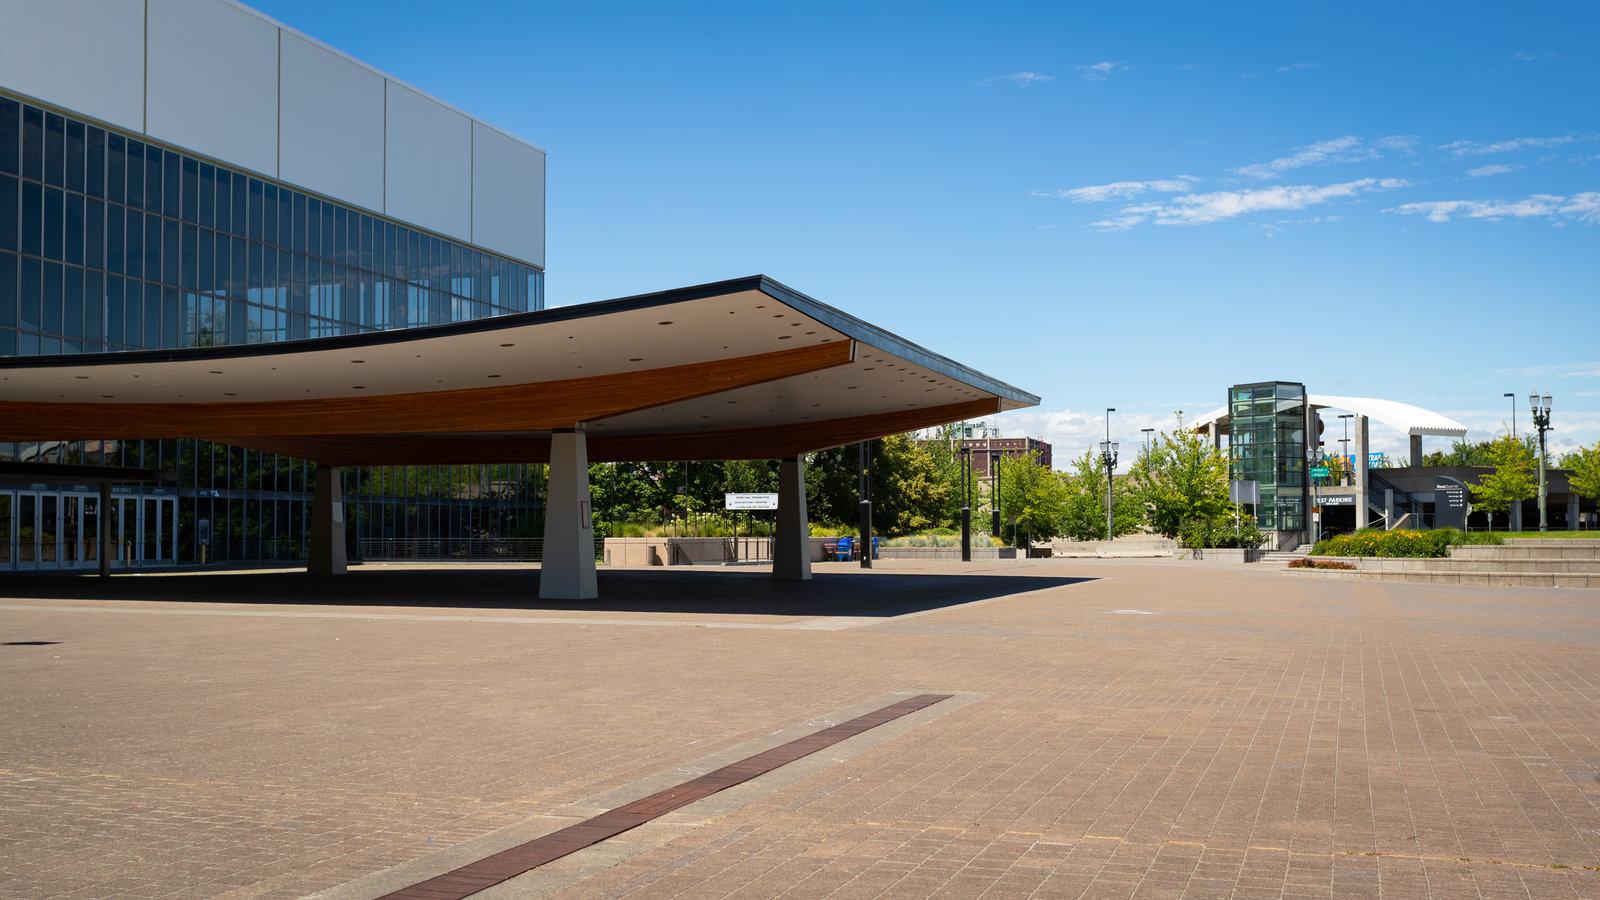 Coliseo Conmemorativo a los Veteranos que incluye un parque o plaza y arquitectura moderna